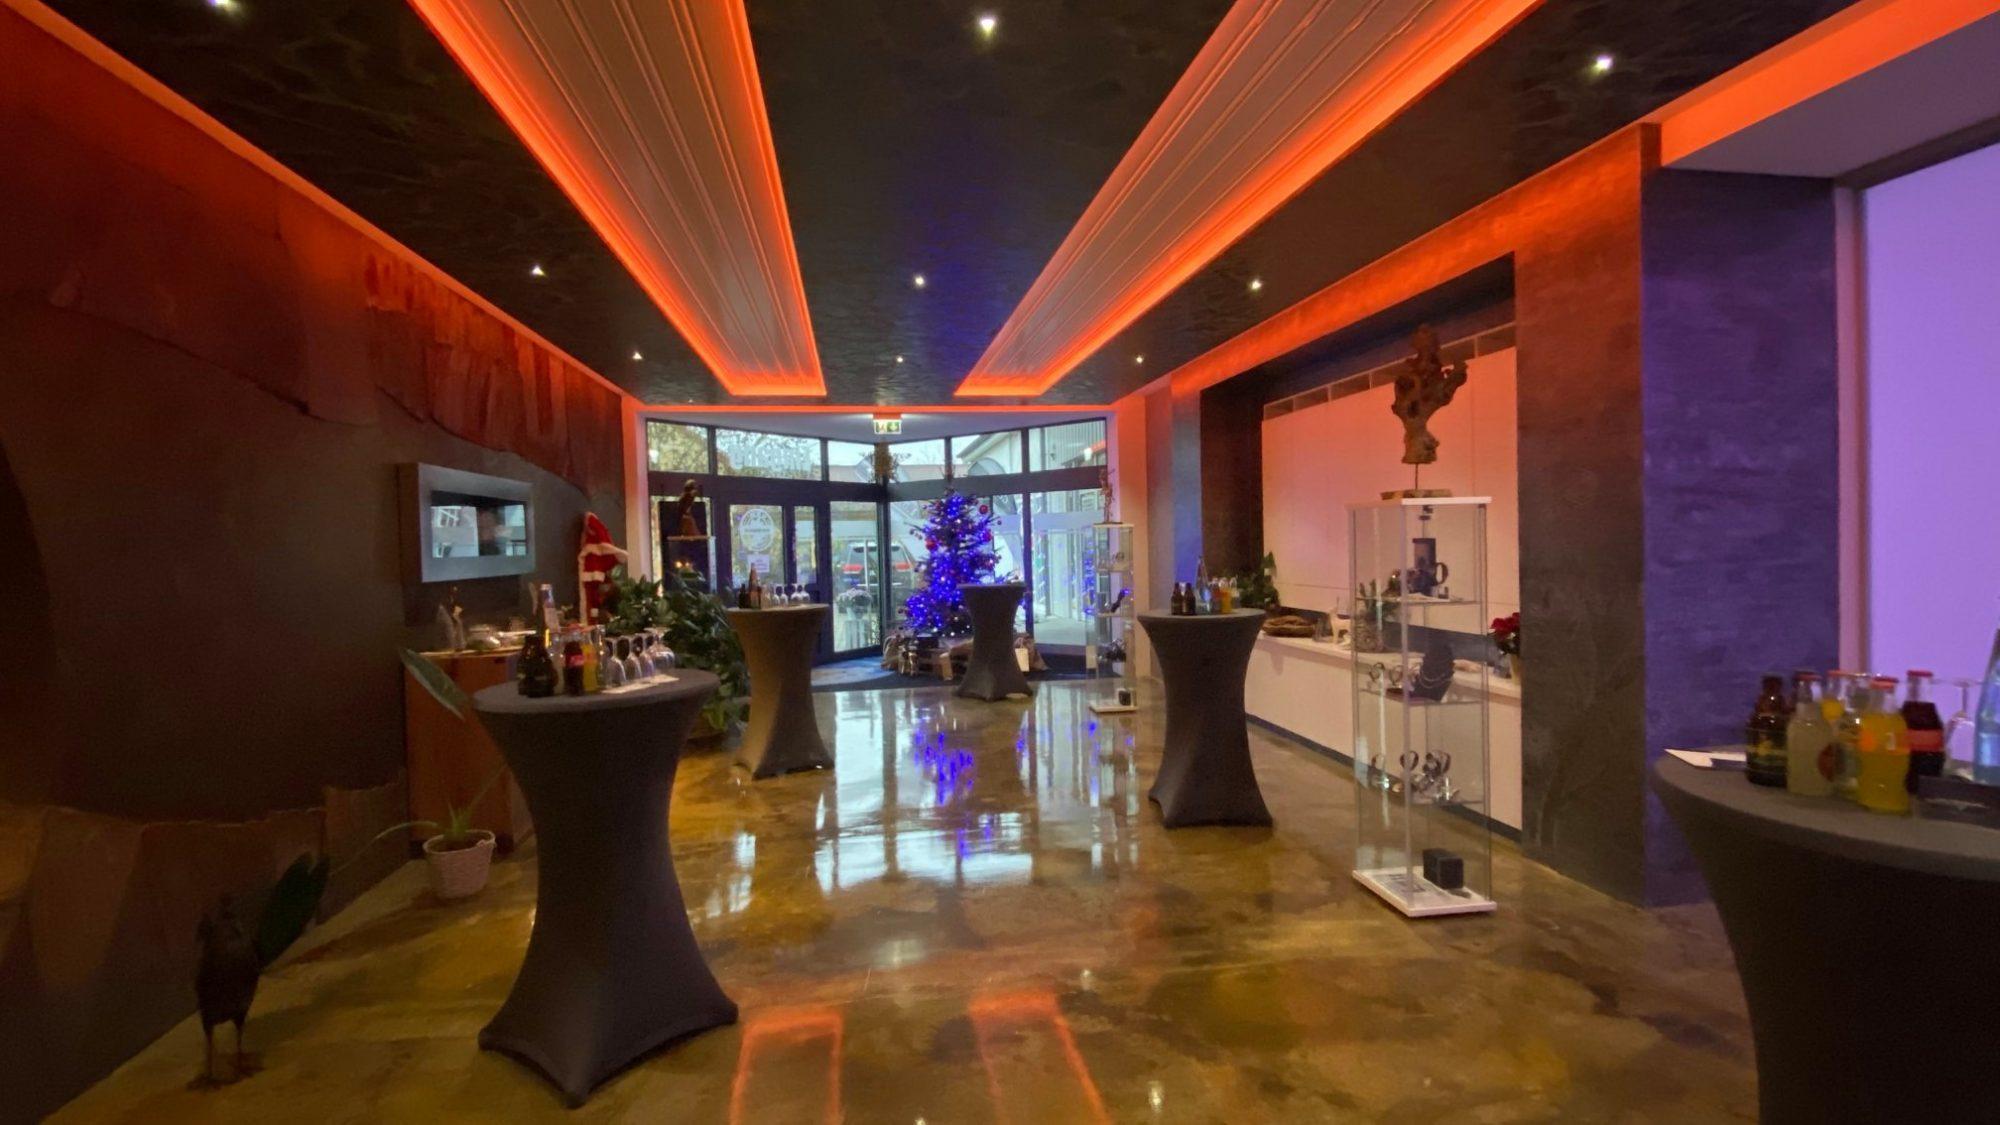 inregia inregiacenter handwerkerausstellung Unternehmernetzwerk Eventlocation